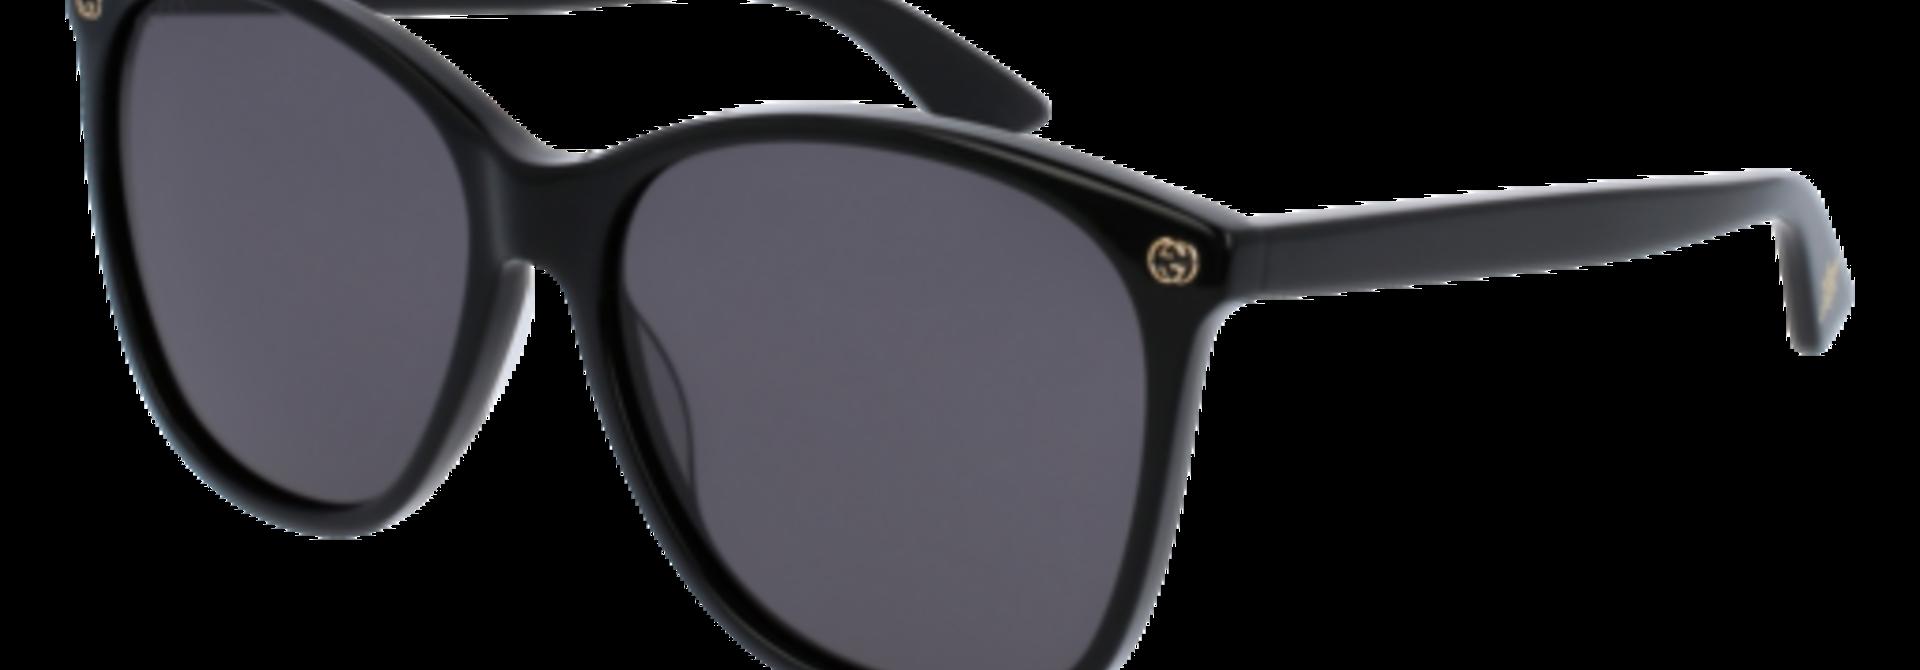 Gucci - GG0024S-001